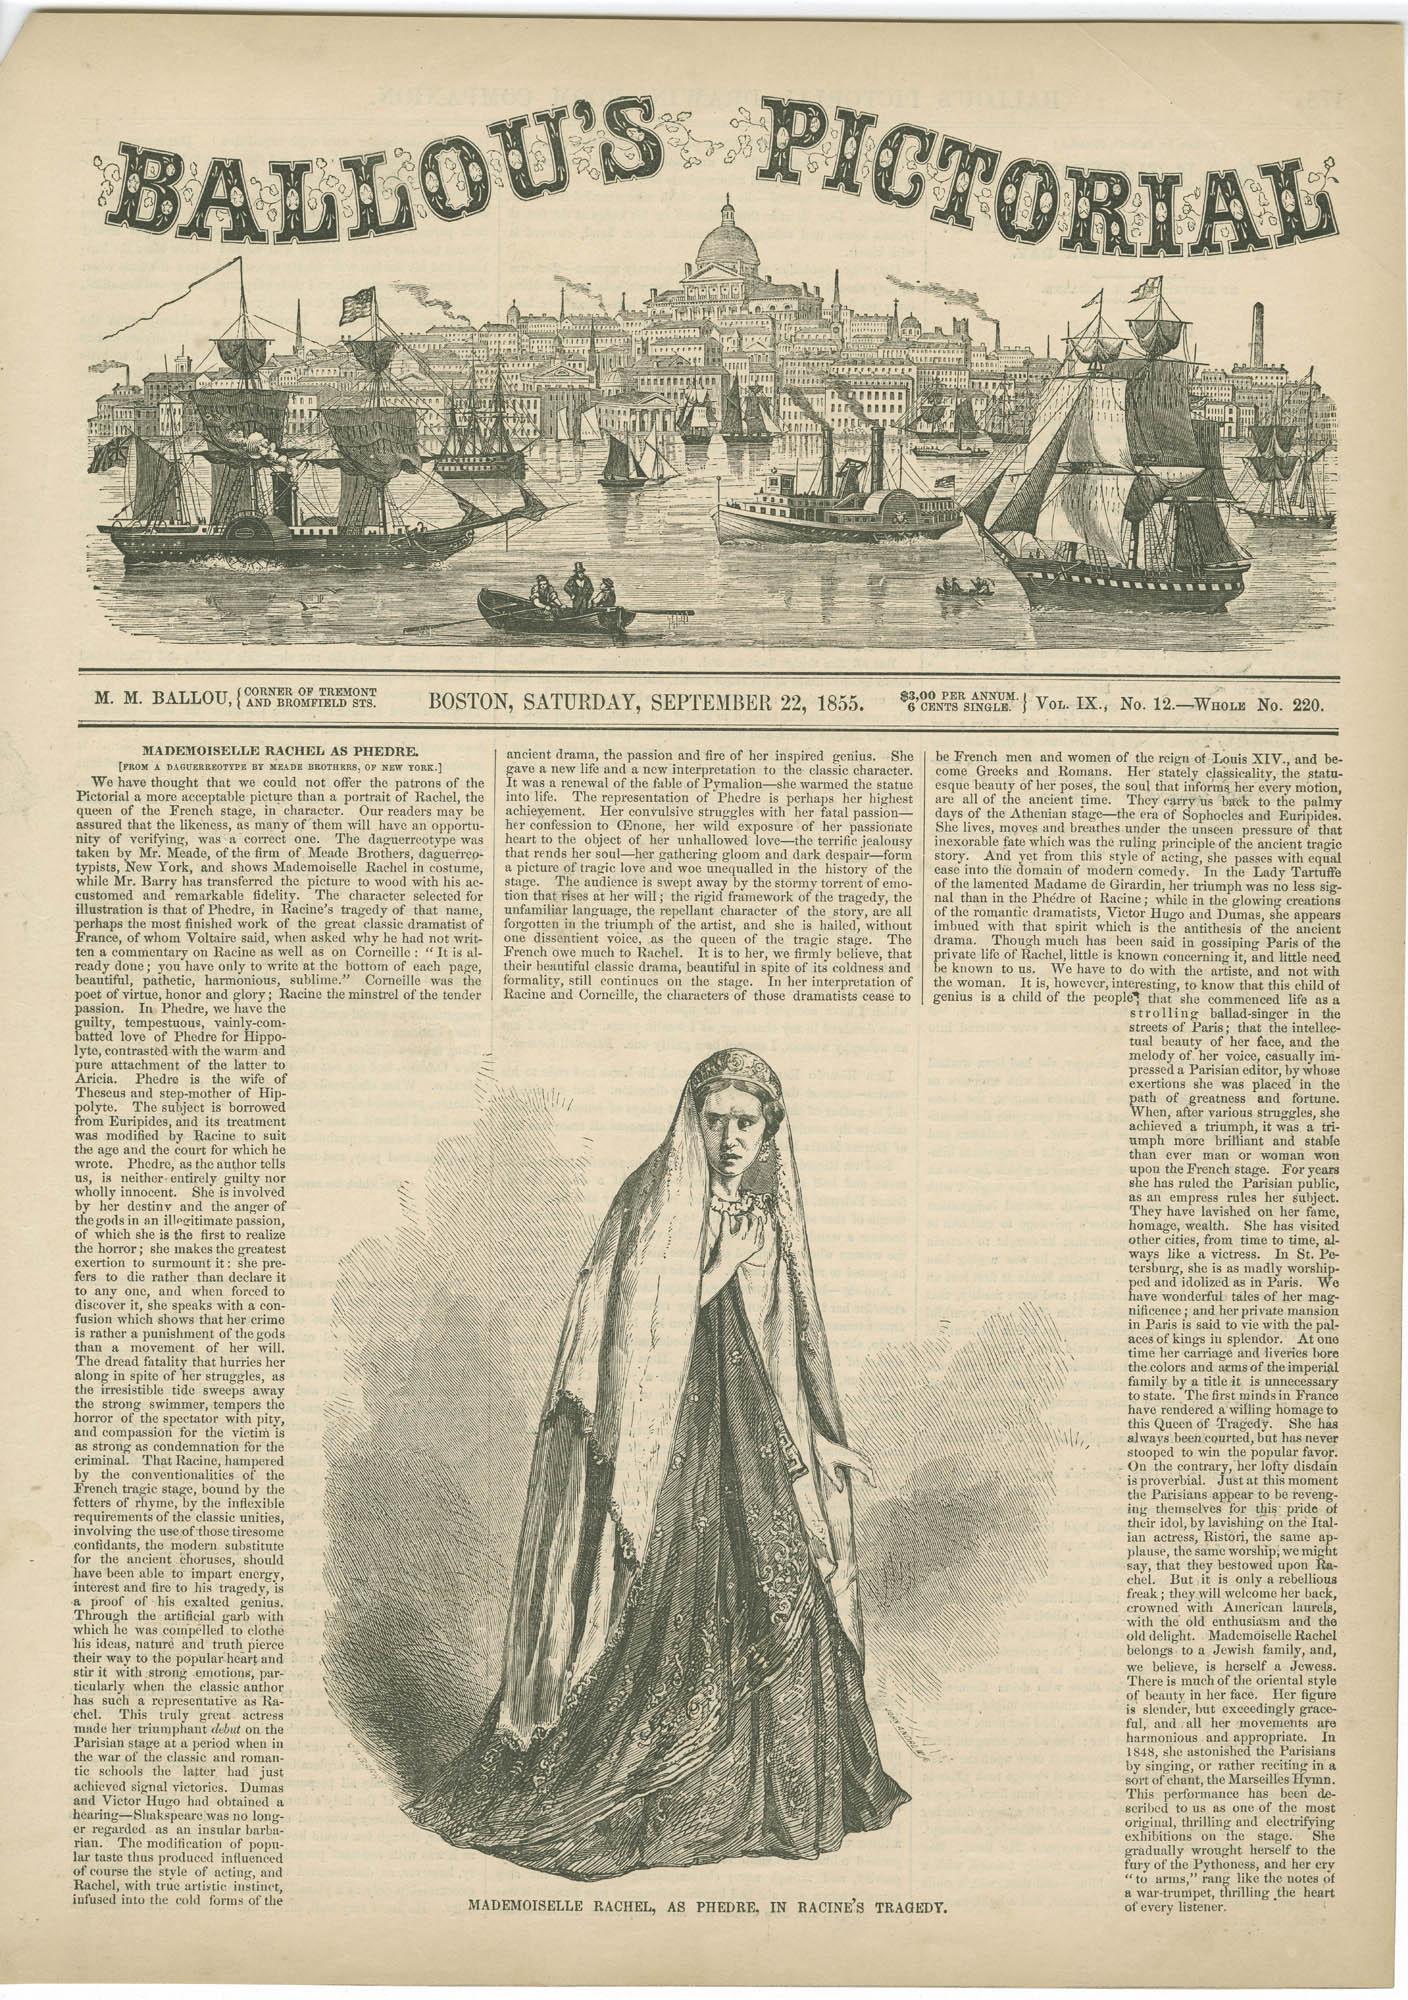 Mademoiselle Rachel, as Phedre, in Racine's tragedy